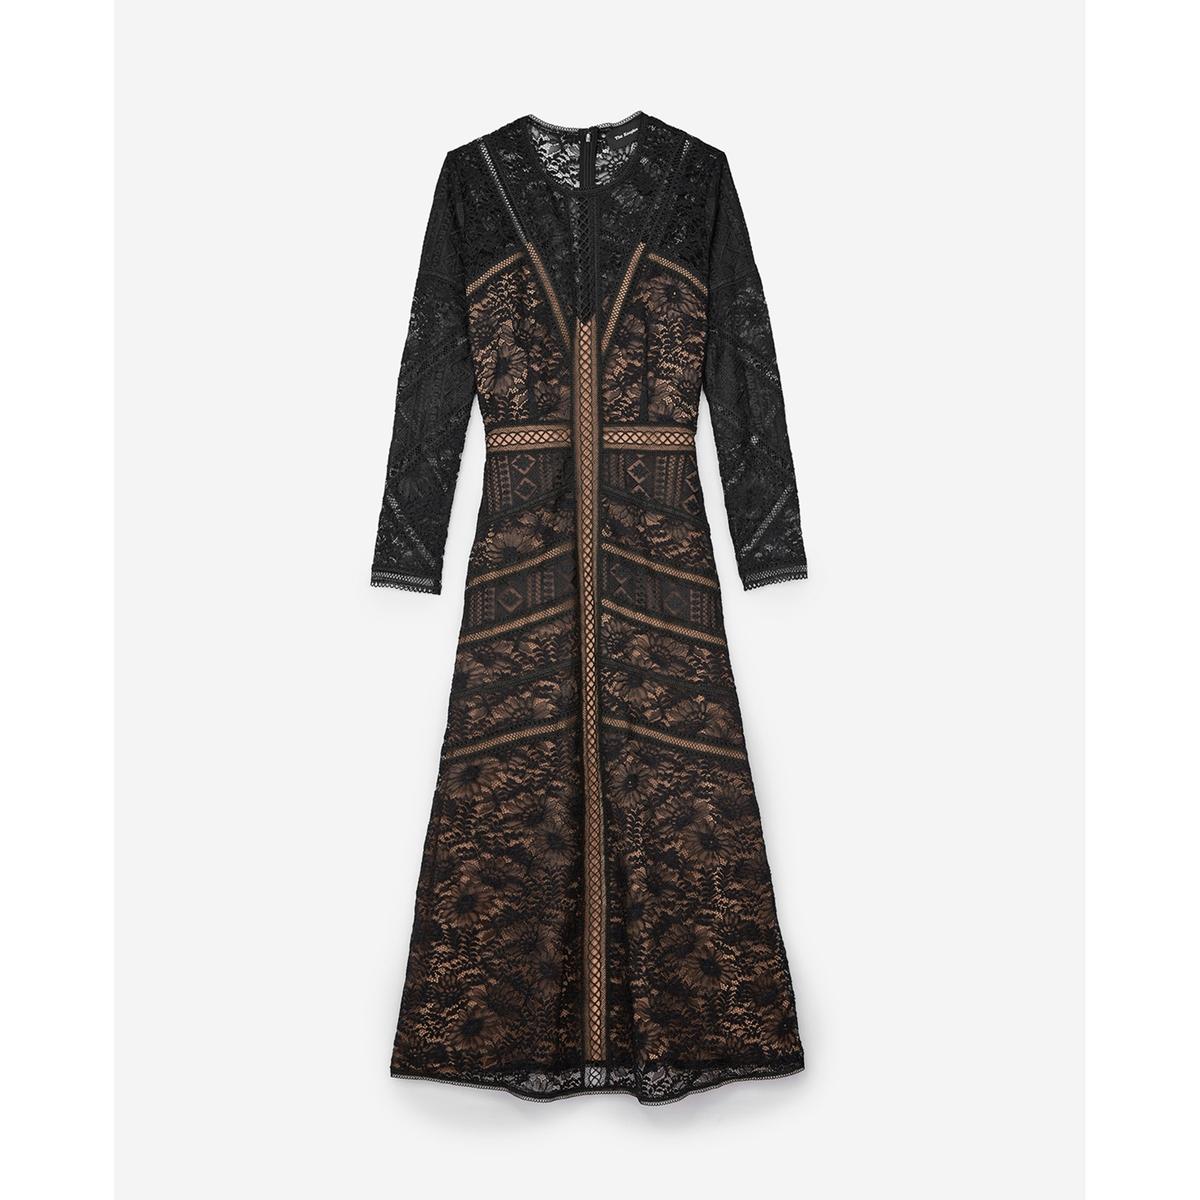 Платье длинное с принтомОписание:Платье с длинными рукавами THE KOOPLES из вышитого кружева и с графическими узорами . Ажурная окантовка на поясе и контрастная подкладка телесного цвета .Детали •  Длинные рукава    •  Круглый вырез •  Рисунок-принтСостав и уход •  66% полиамида, 29% хлопка, 5% вискозы  •  Подкладка : 100% полиэстер  •  кружево: 100% полиэстер, 50% полиамида 50% полиэстера  •  Следуйте советам по уходу, указанным на этикетке<br><br>Цвет: черный